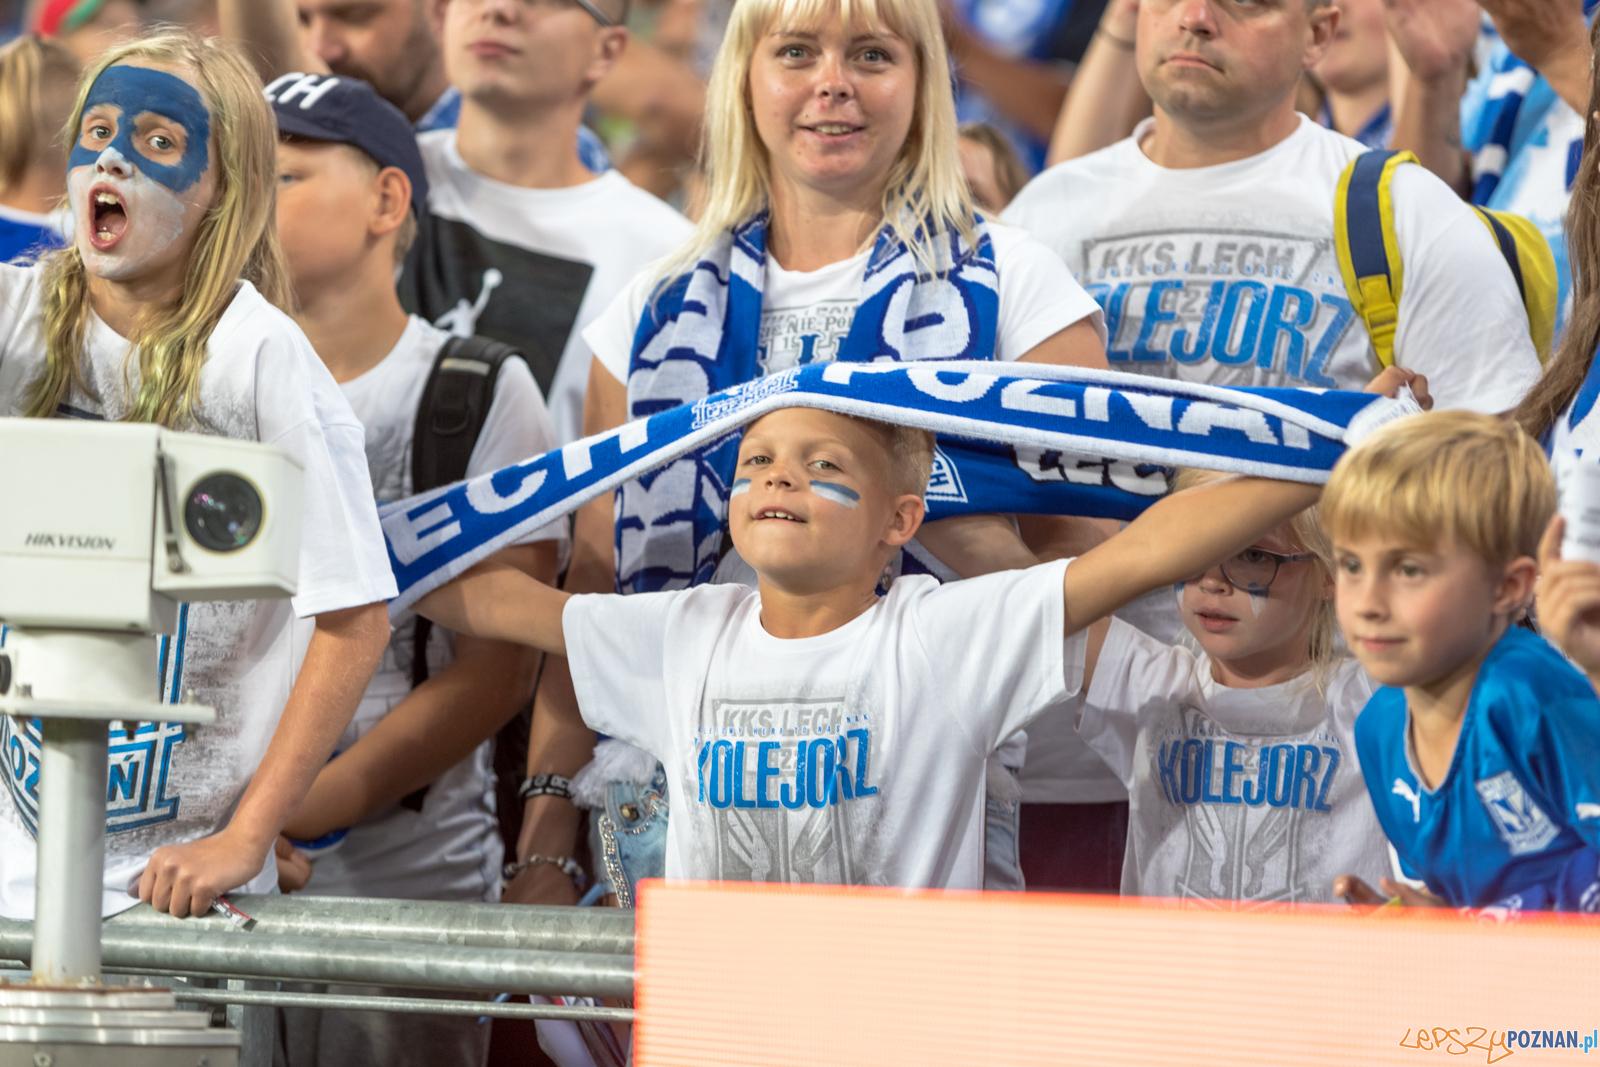 Lech Poznań - Wisła Płock  Foto: lepszyPOZNAN.pl/Piotr Rychter